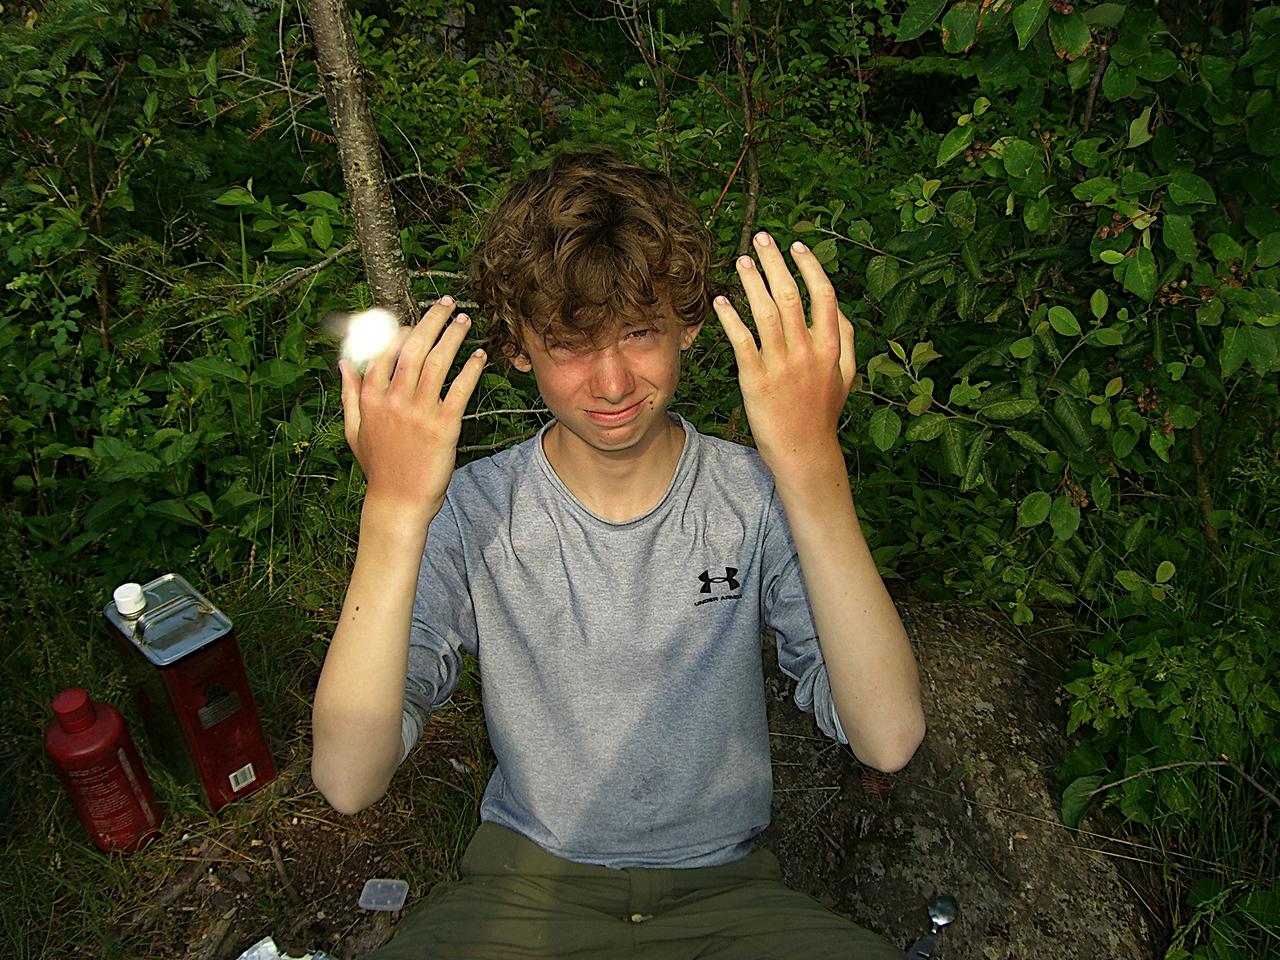 The infamous sunburned hands...